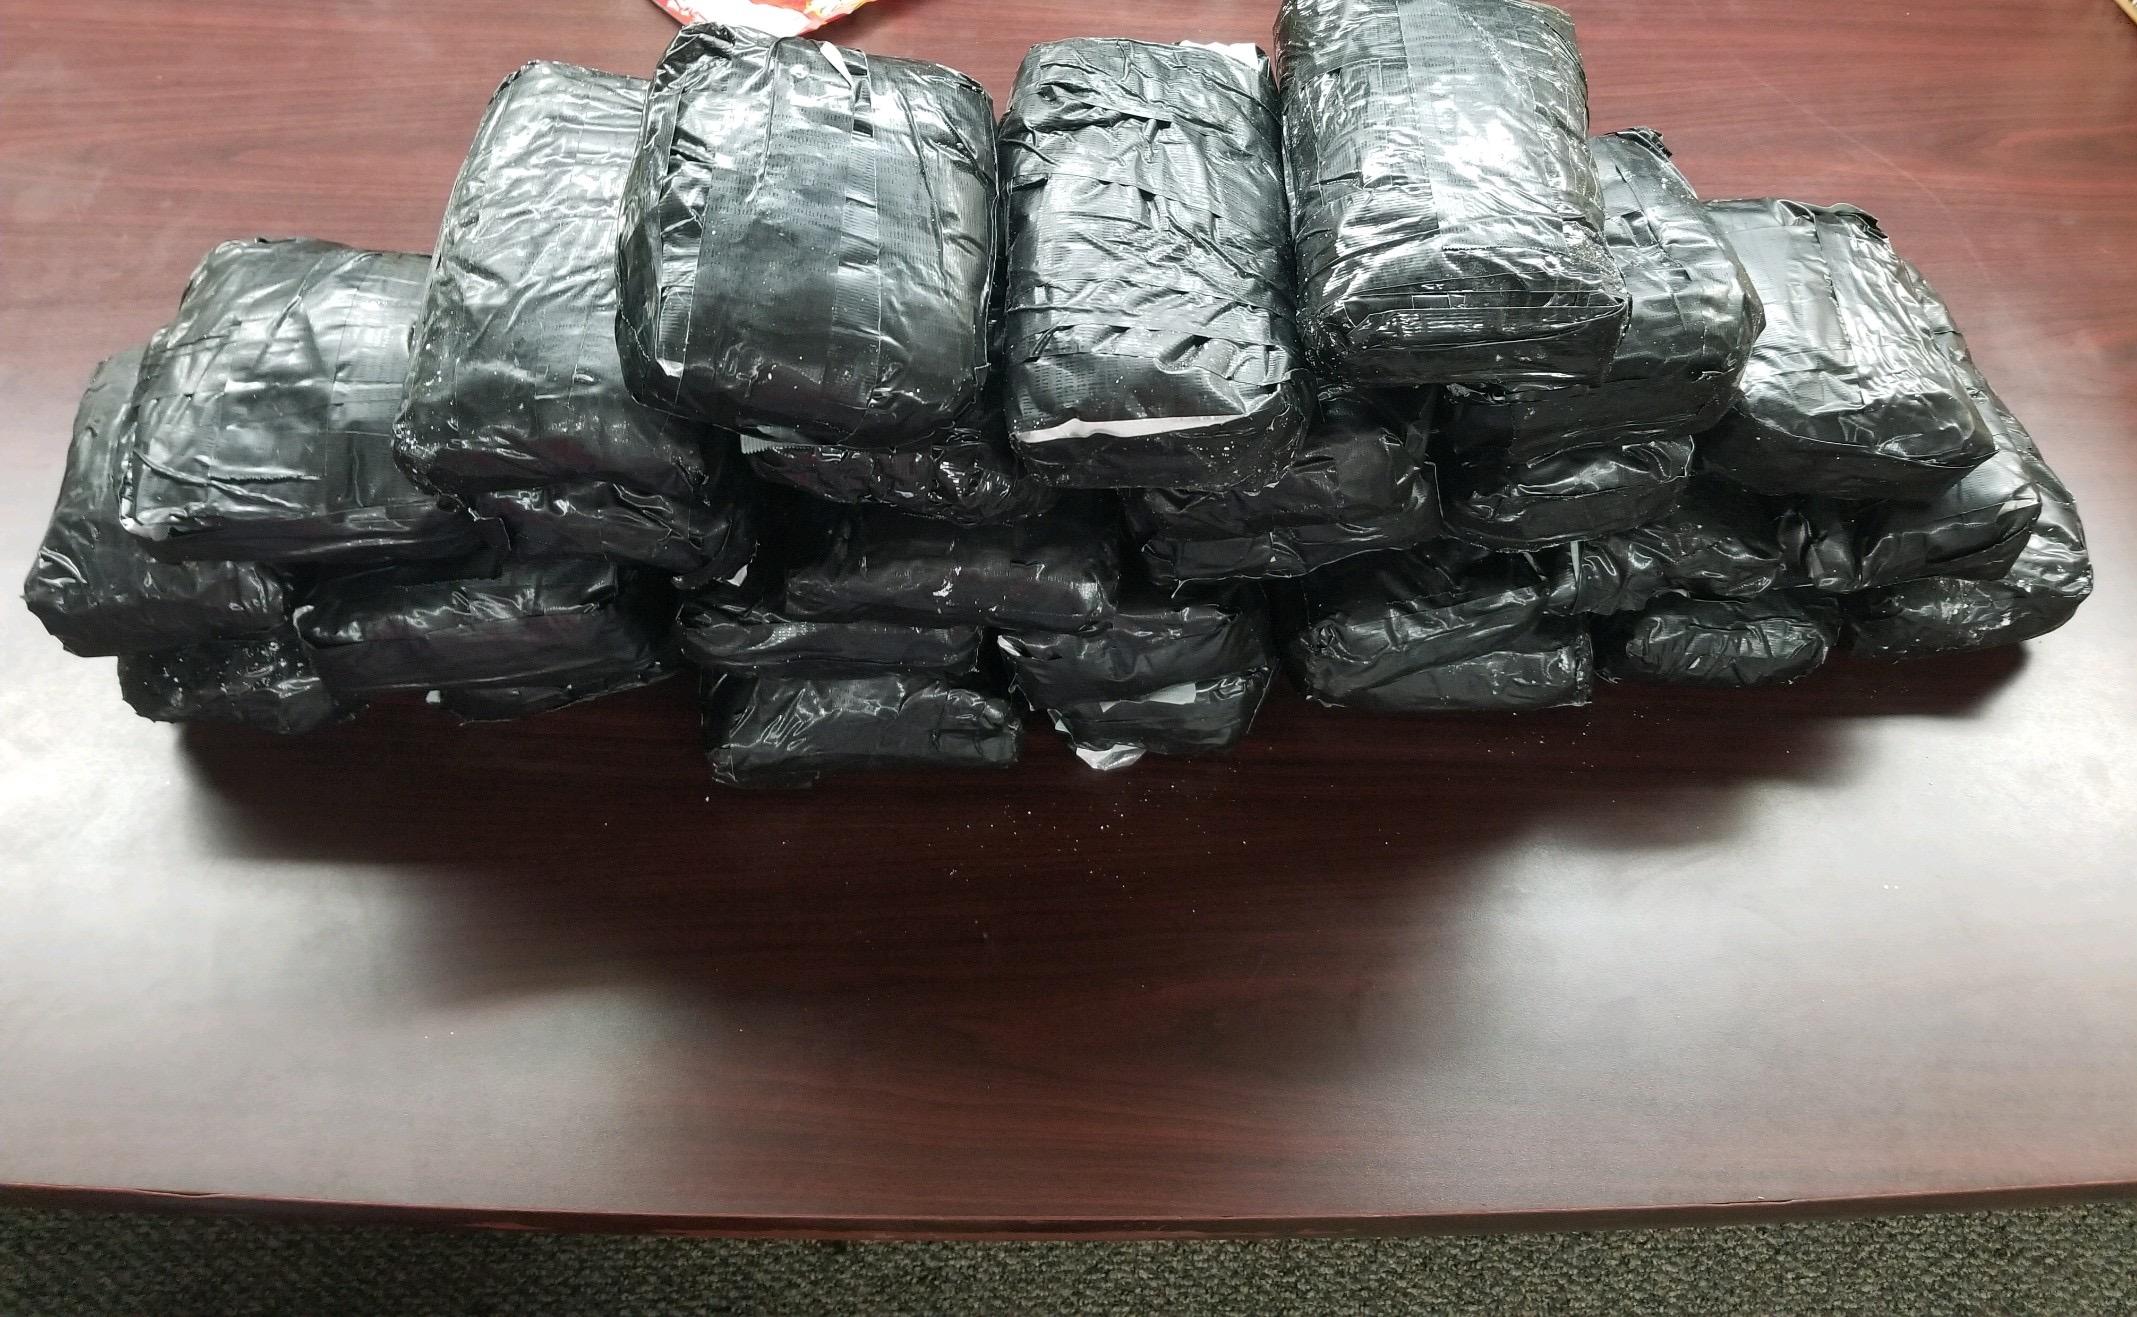 Cocaine bust_1537824295461.jpeg.jpg